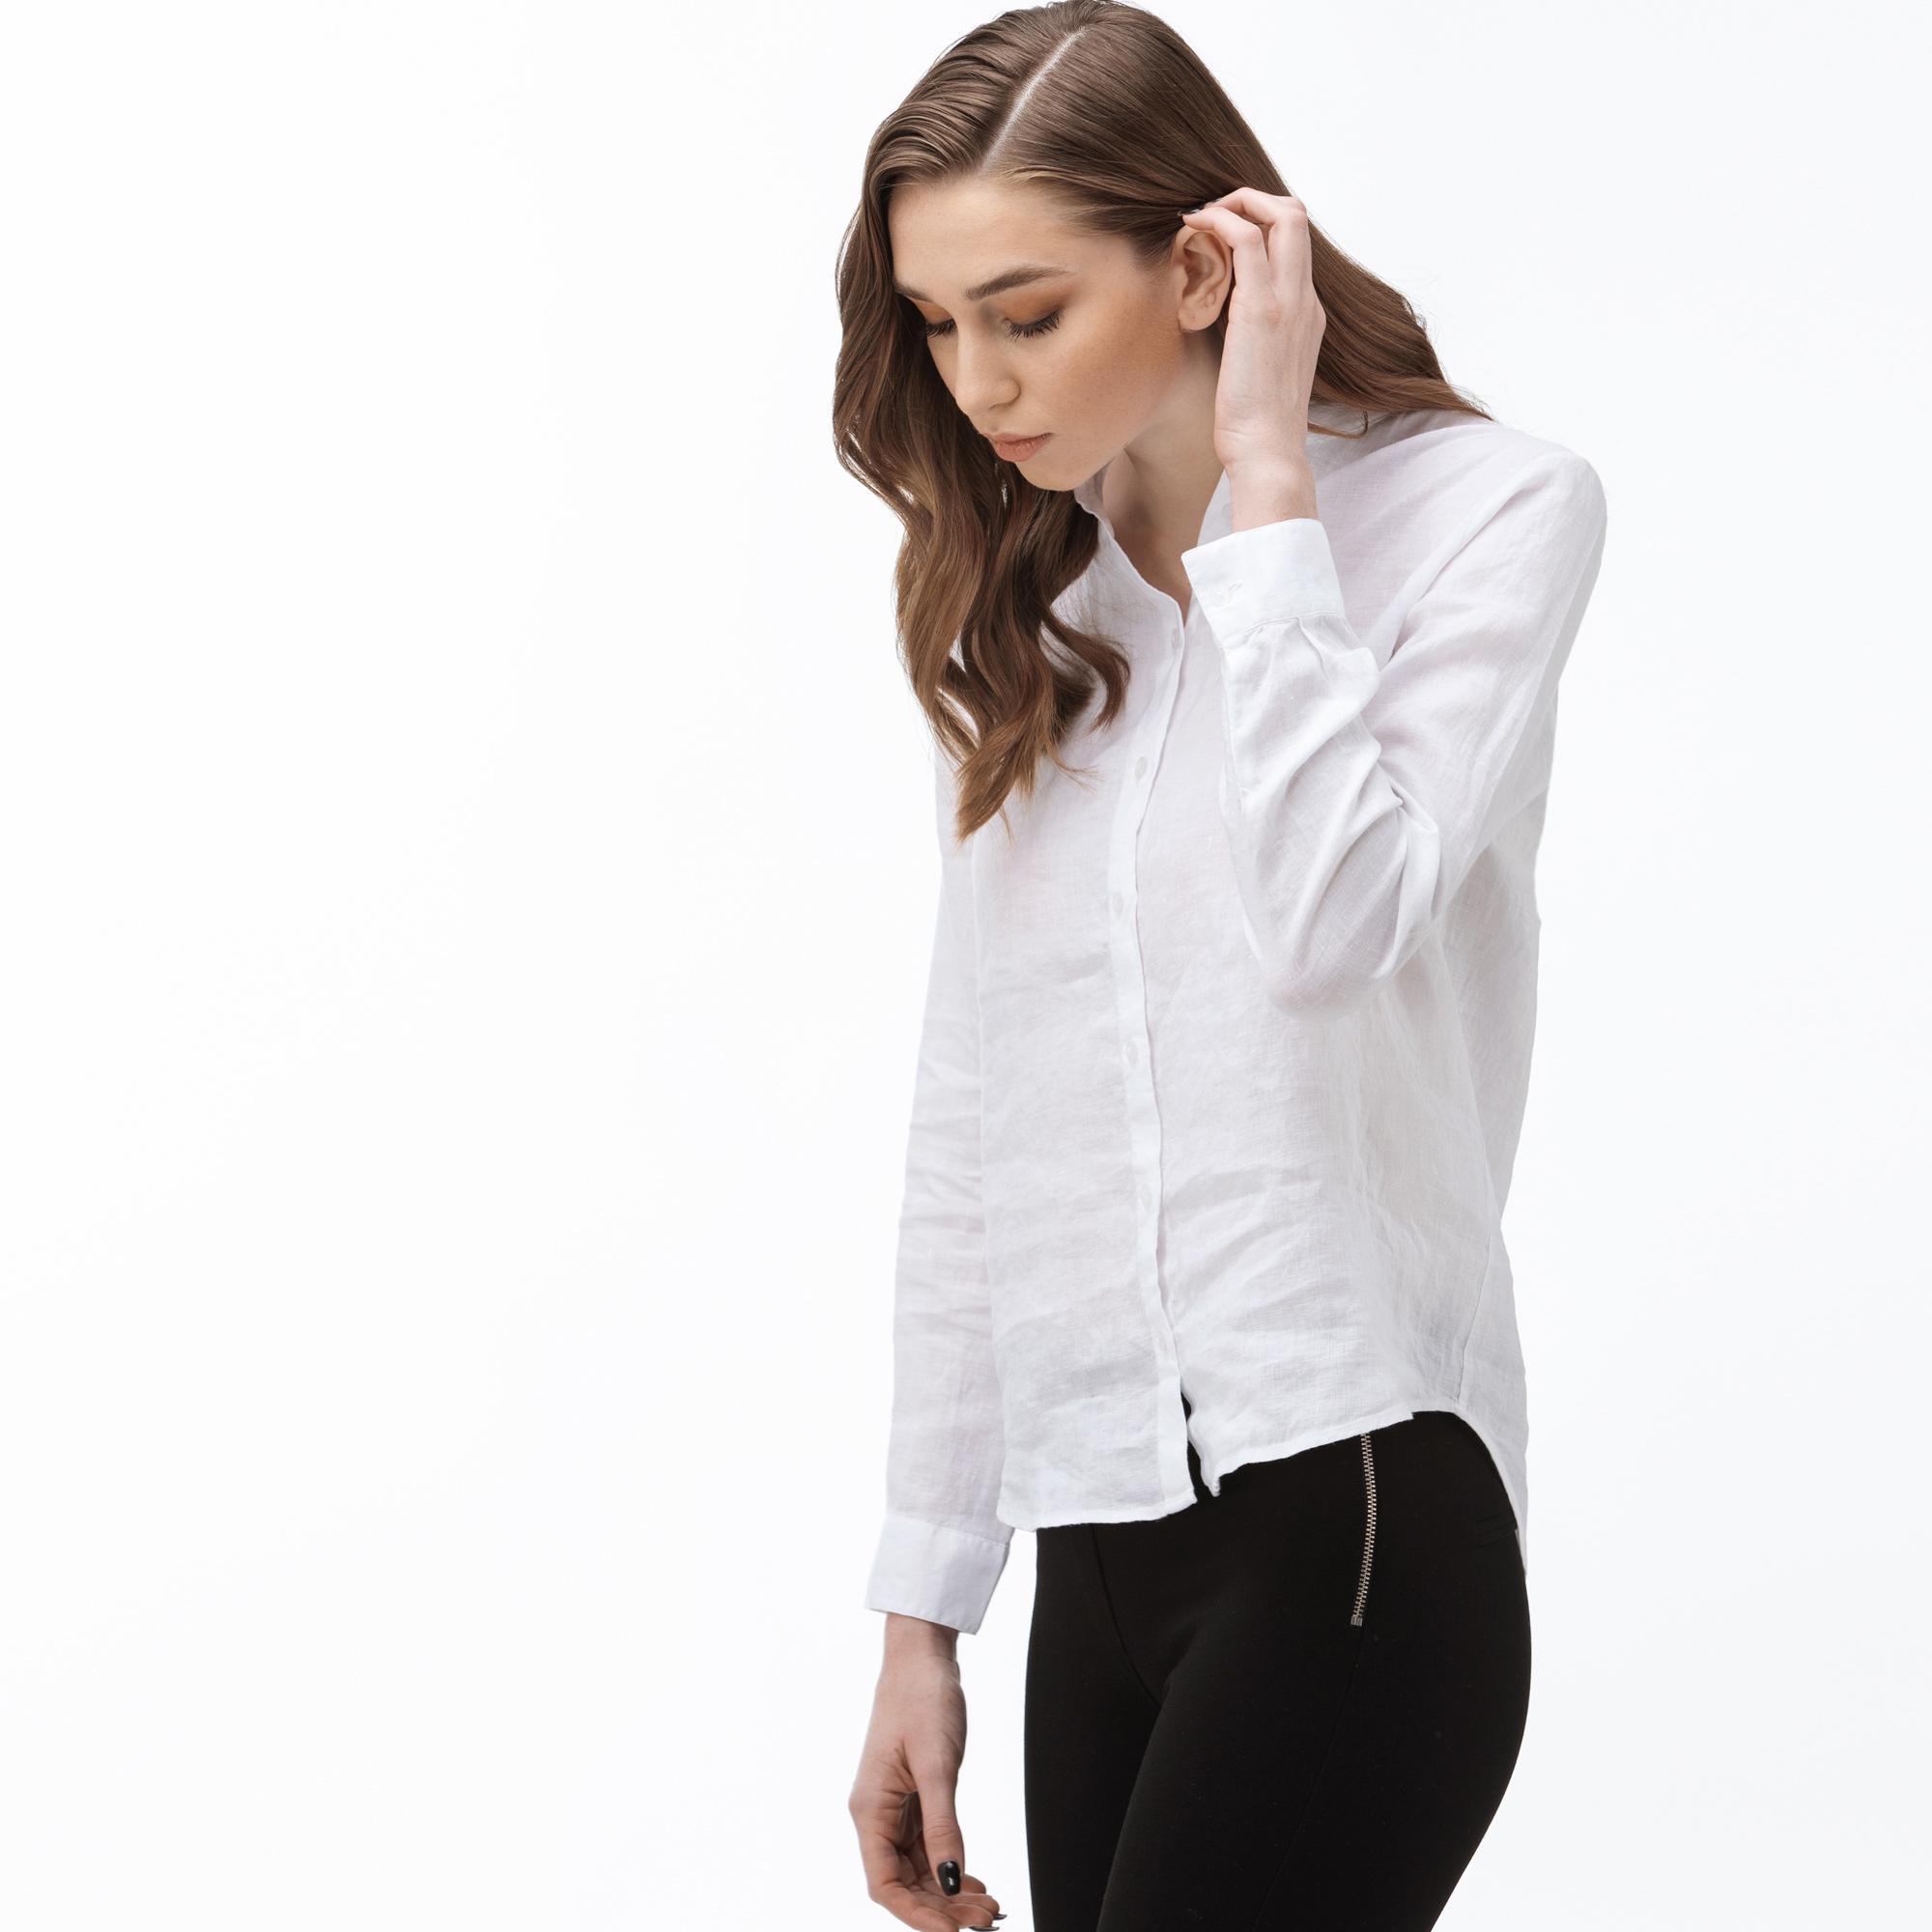 Lacoste Kadın Hakim Yaka Beyaz Keten Gömlek